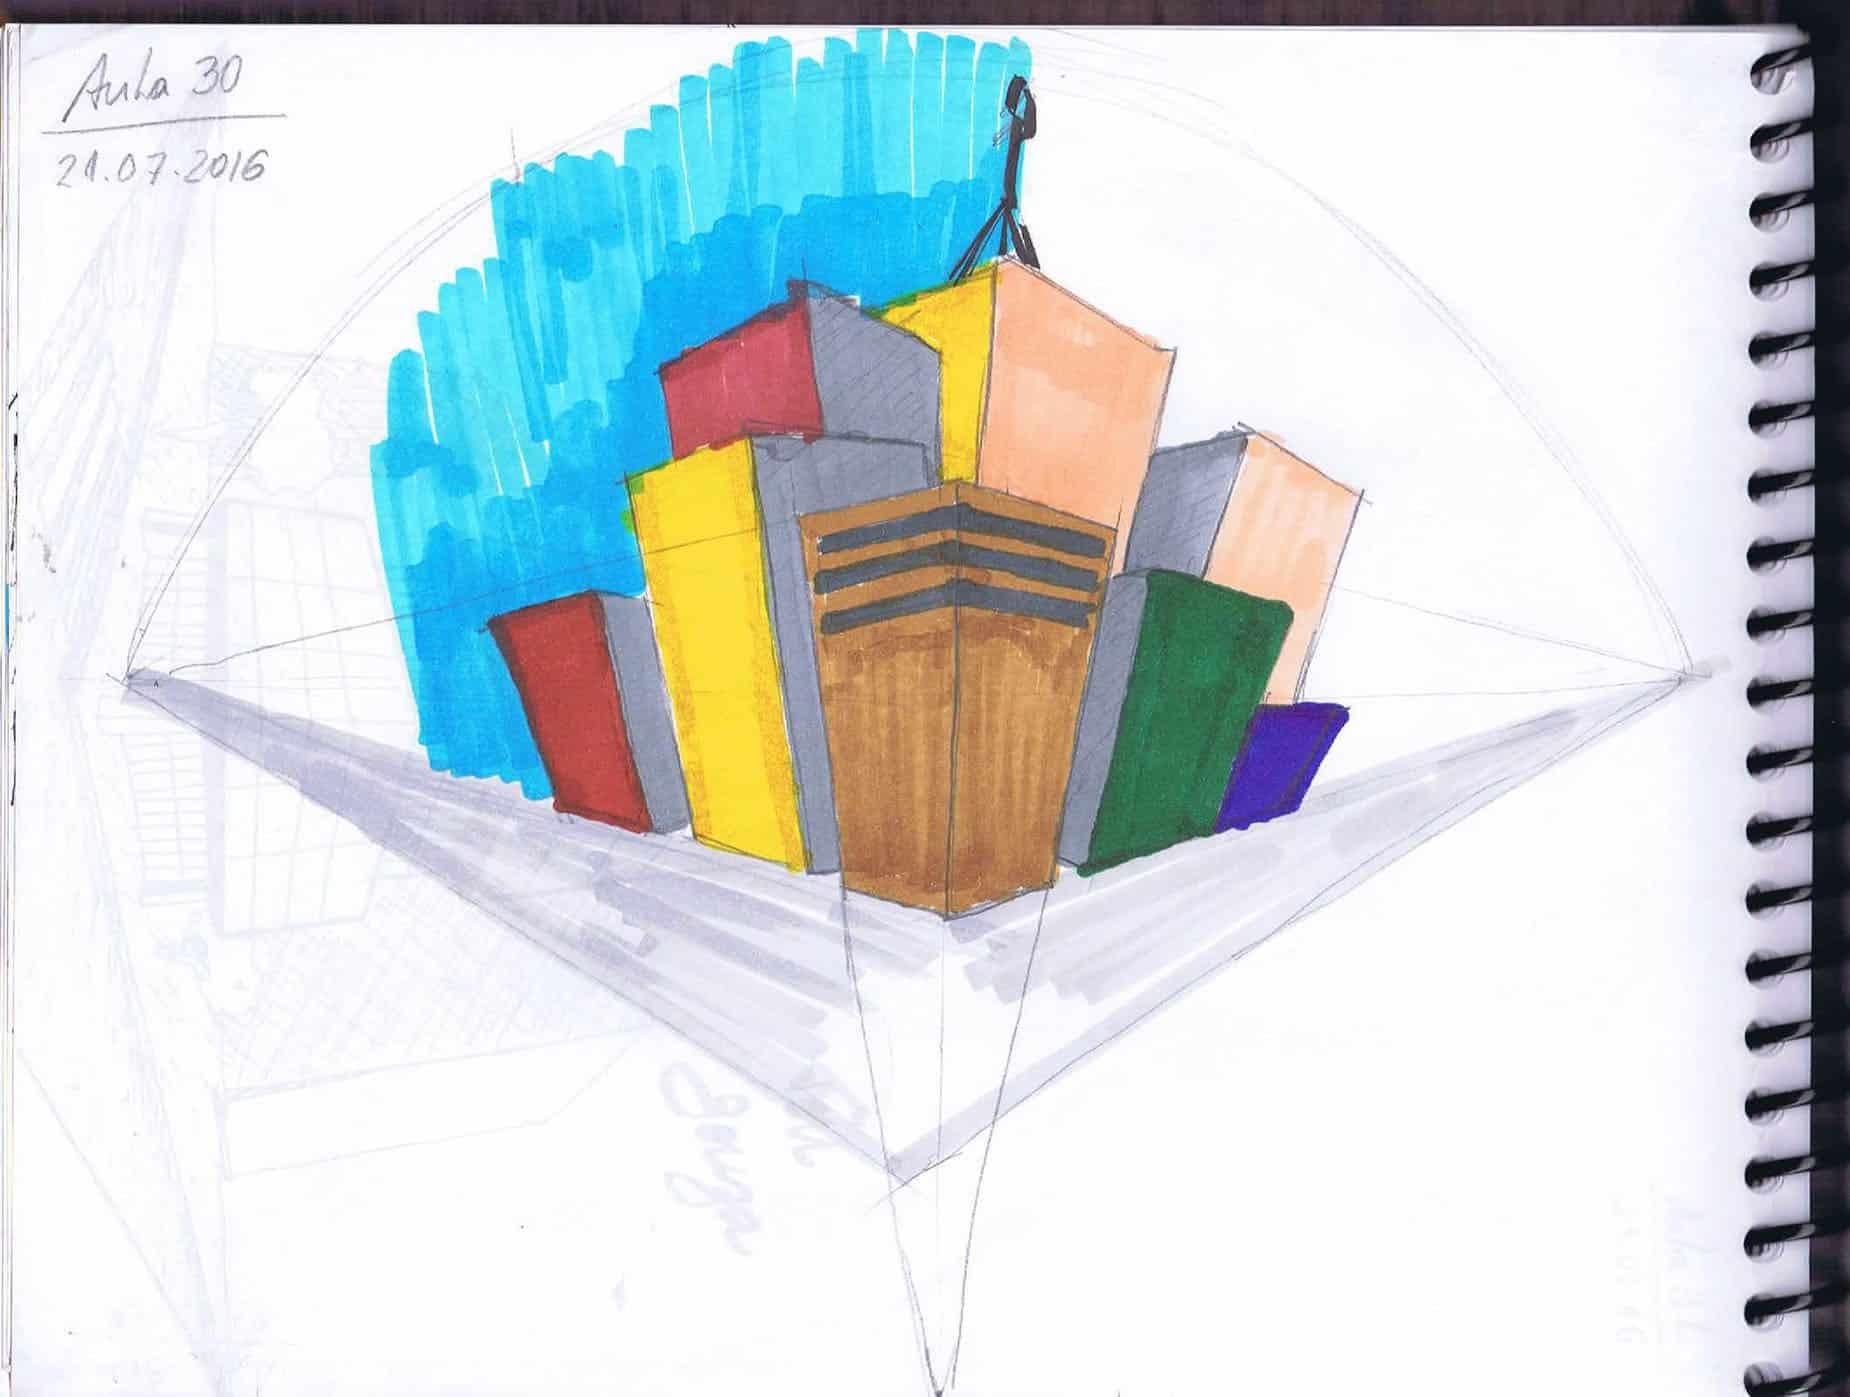 curso perspectivas mão livre anderson de souza ferreira08 - Trabalhos de Perspectiva a Mão Livre